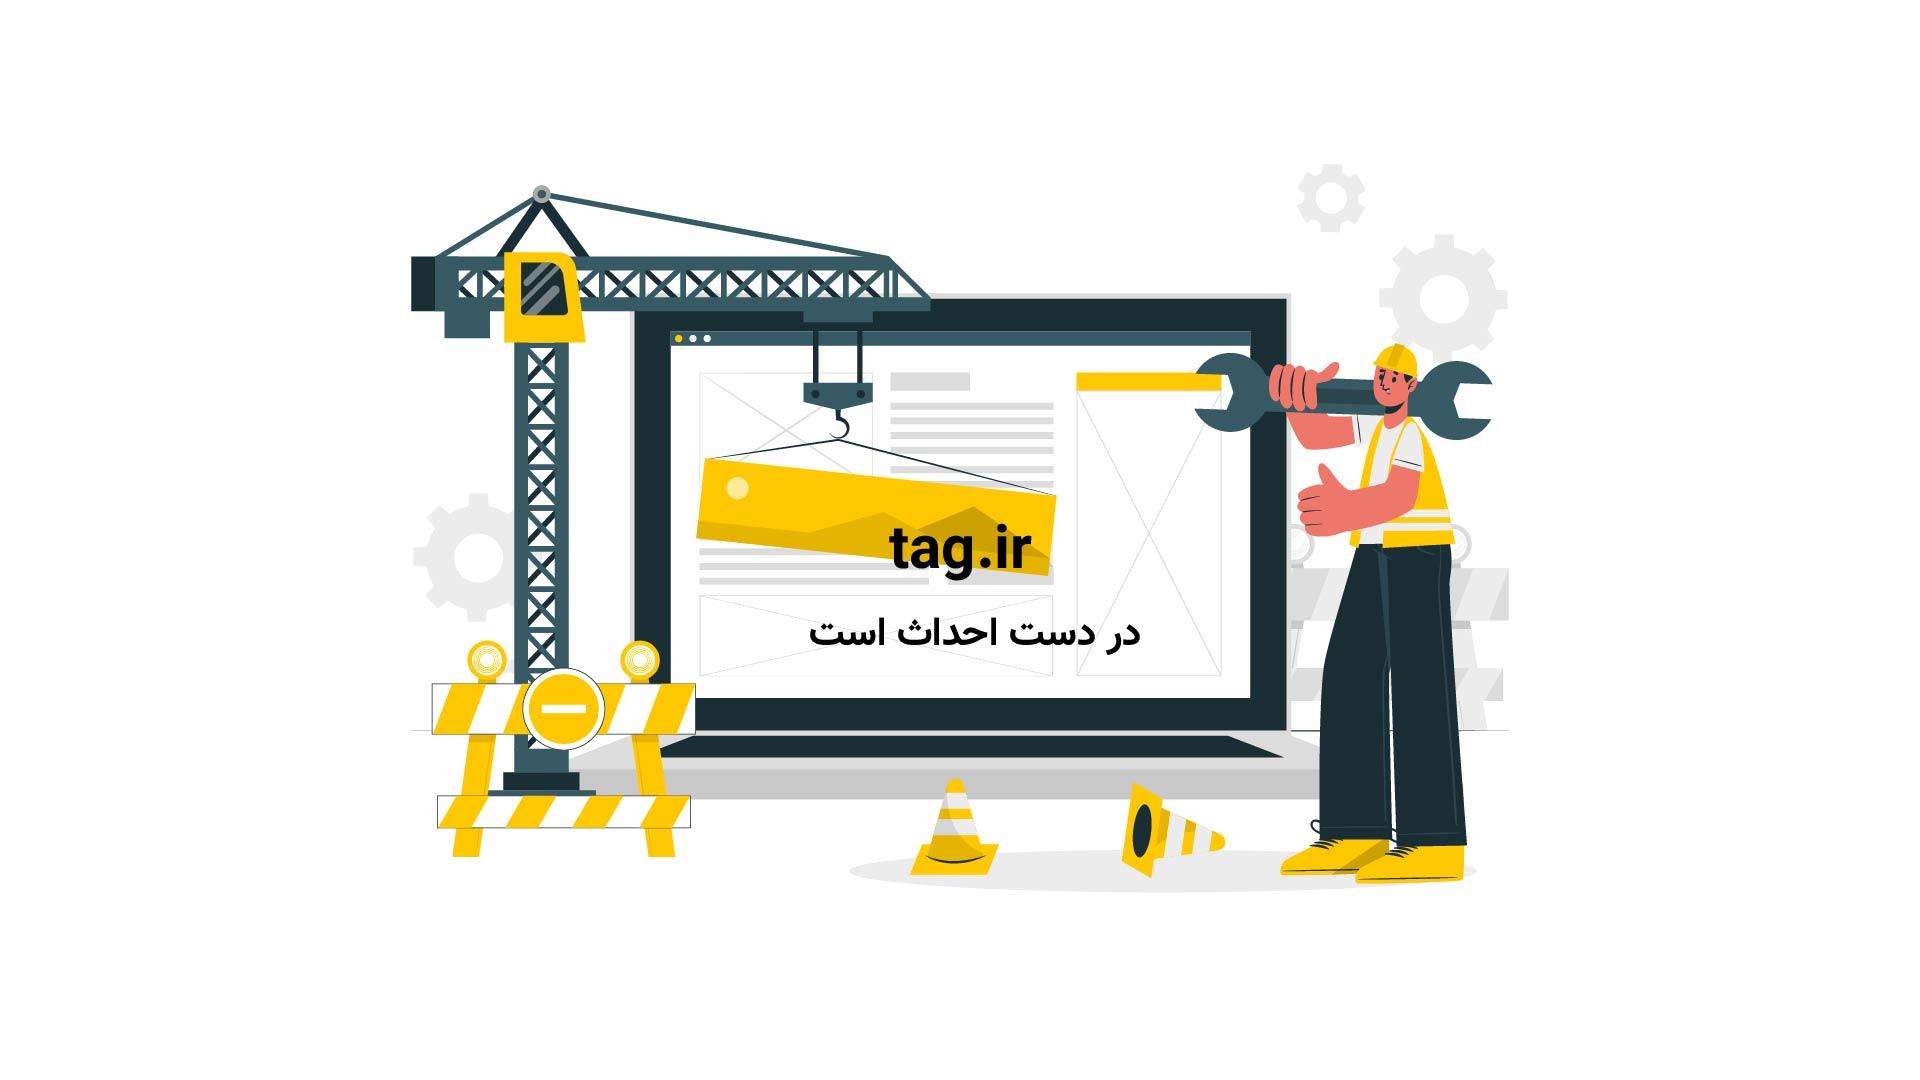 مرقد امام خمینی (ره) | تگ